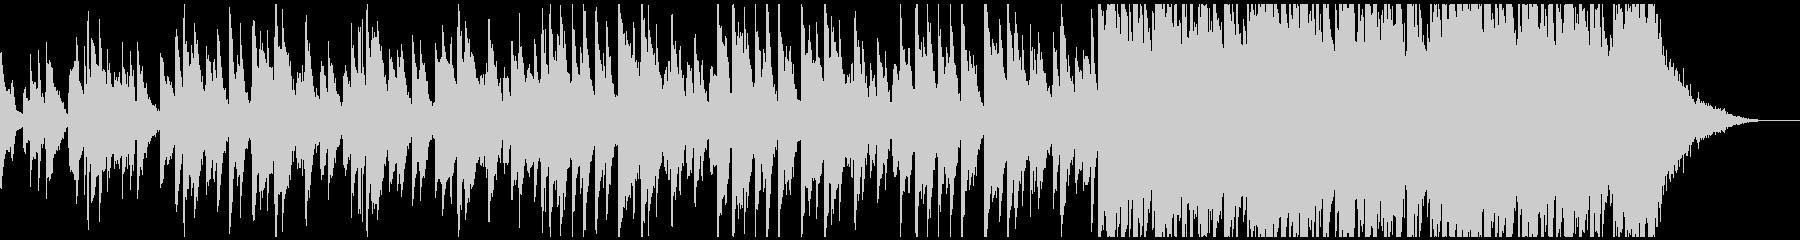 雰囲気のあるピアノ曲です。の未再生の波形